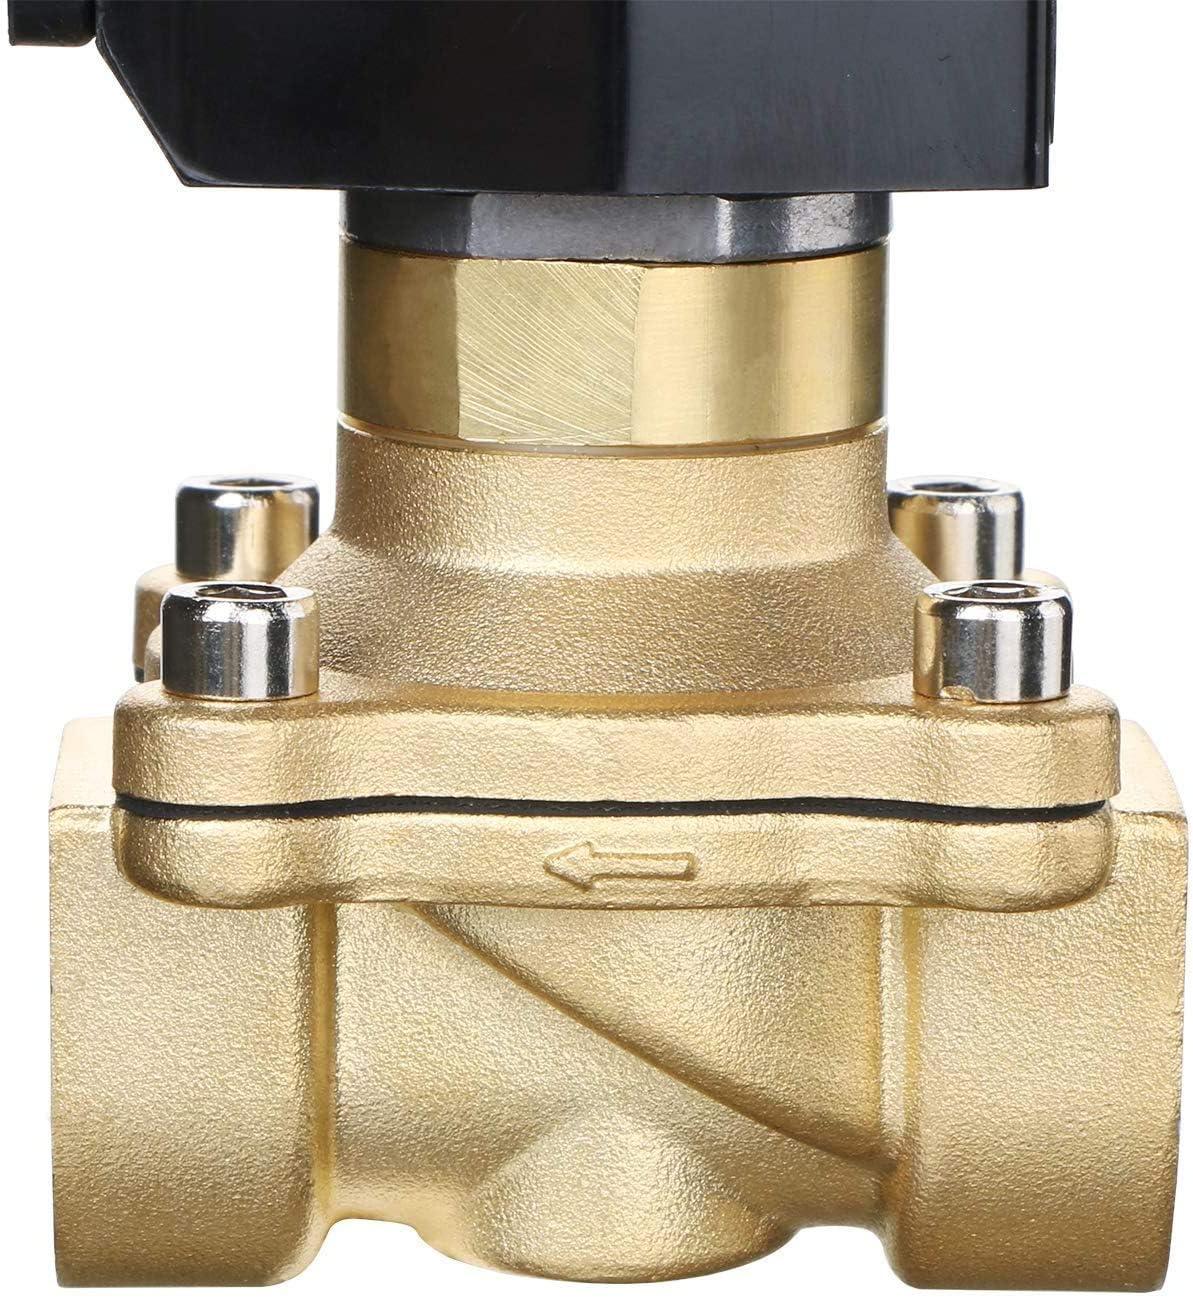 Solid 220V AC 3//4 G Elettrico elettrovalvola Ottone normalmente aperto Solenoid Valve Azionata Semi-direttamente Per Acqua Aria Olio U.S